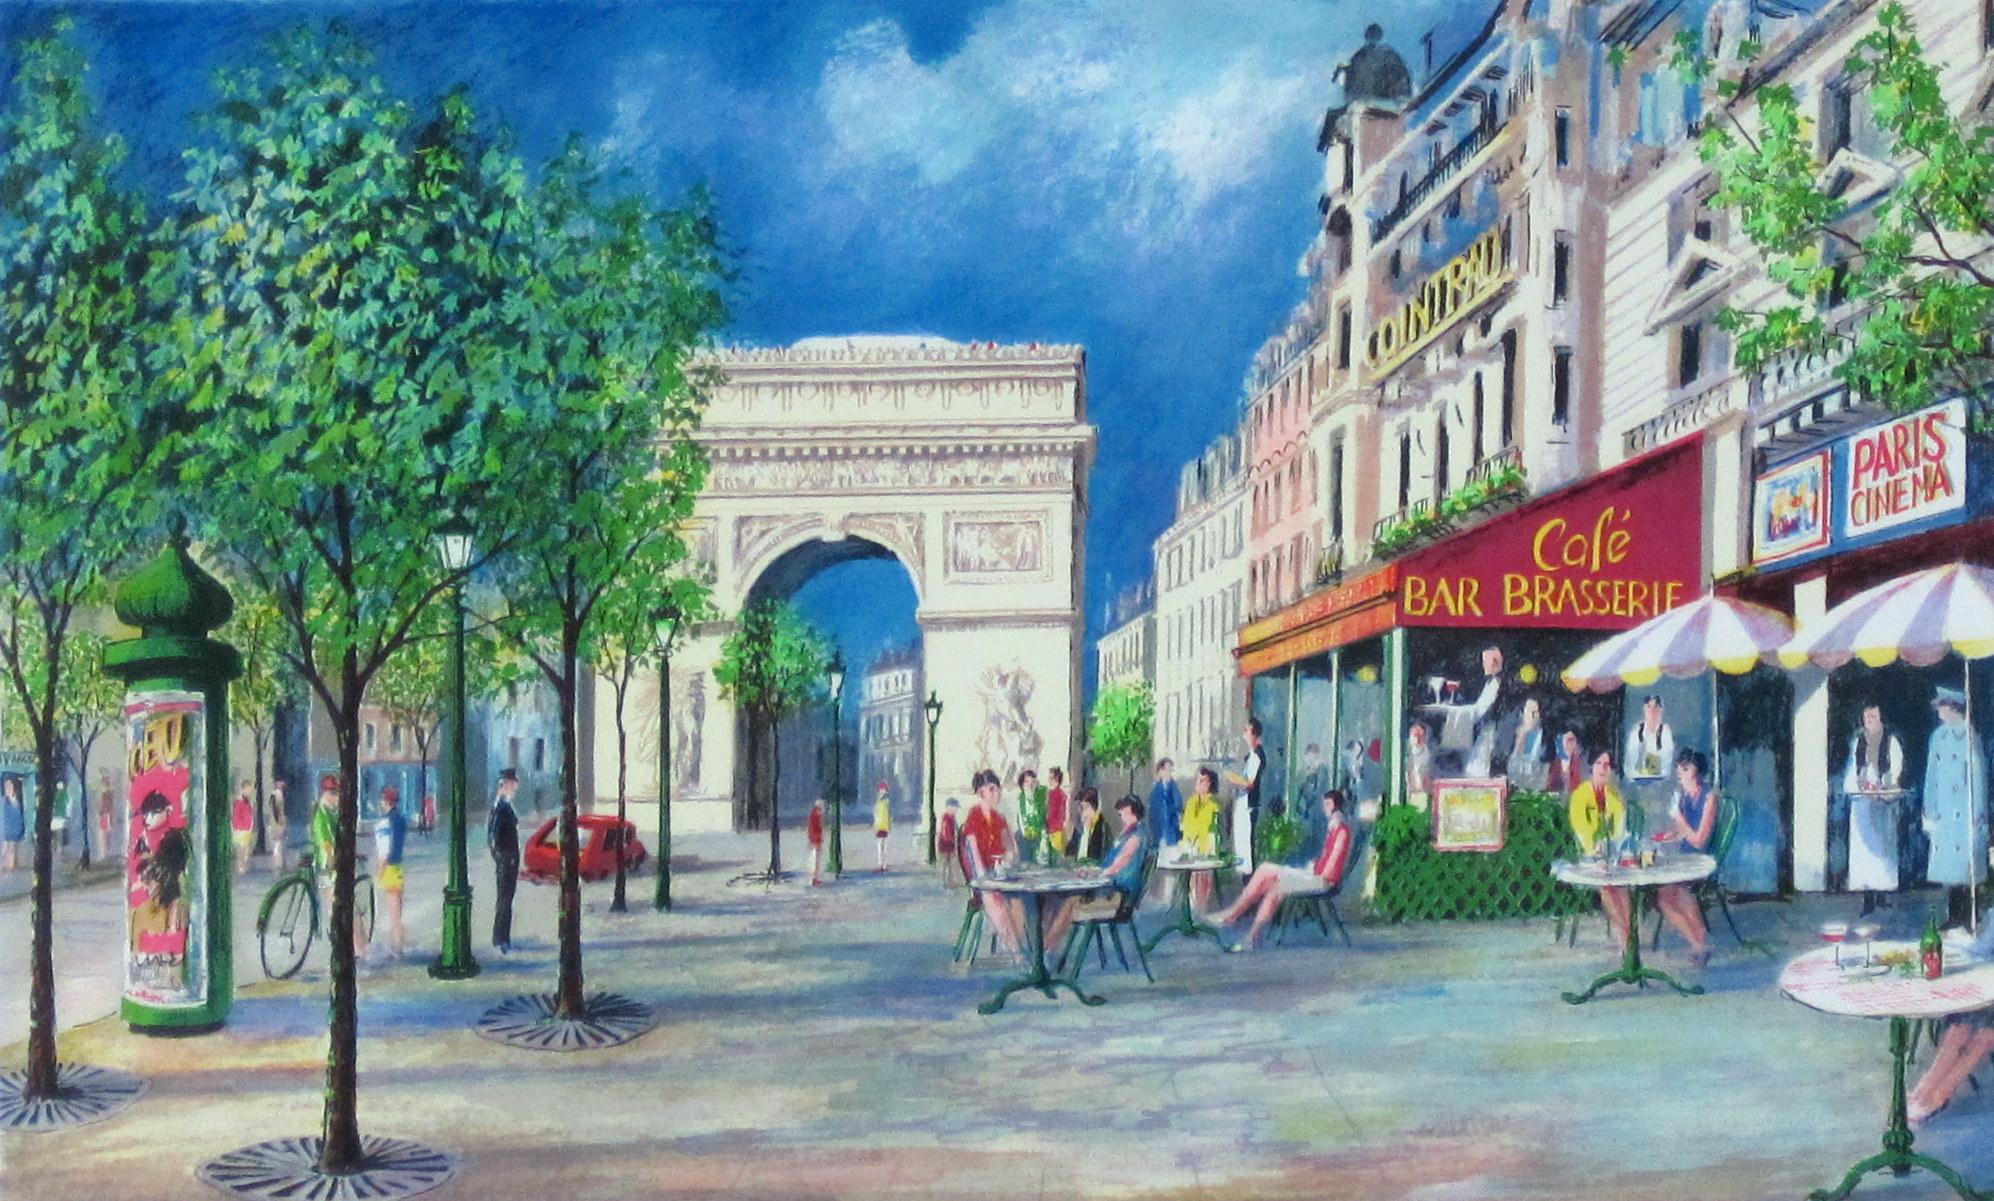 フランス風景画・ジェレミーキング「凱旋門」リトグラフ・額寸510×590mm